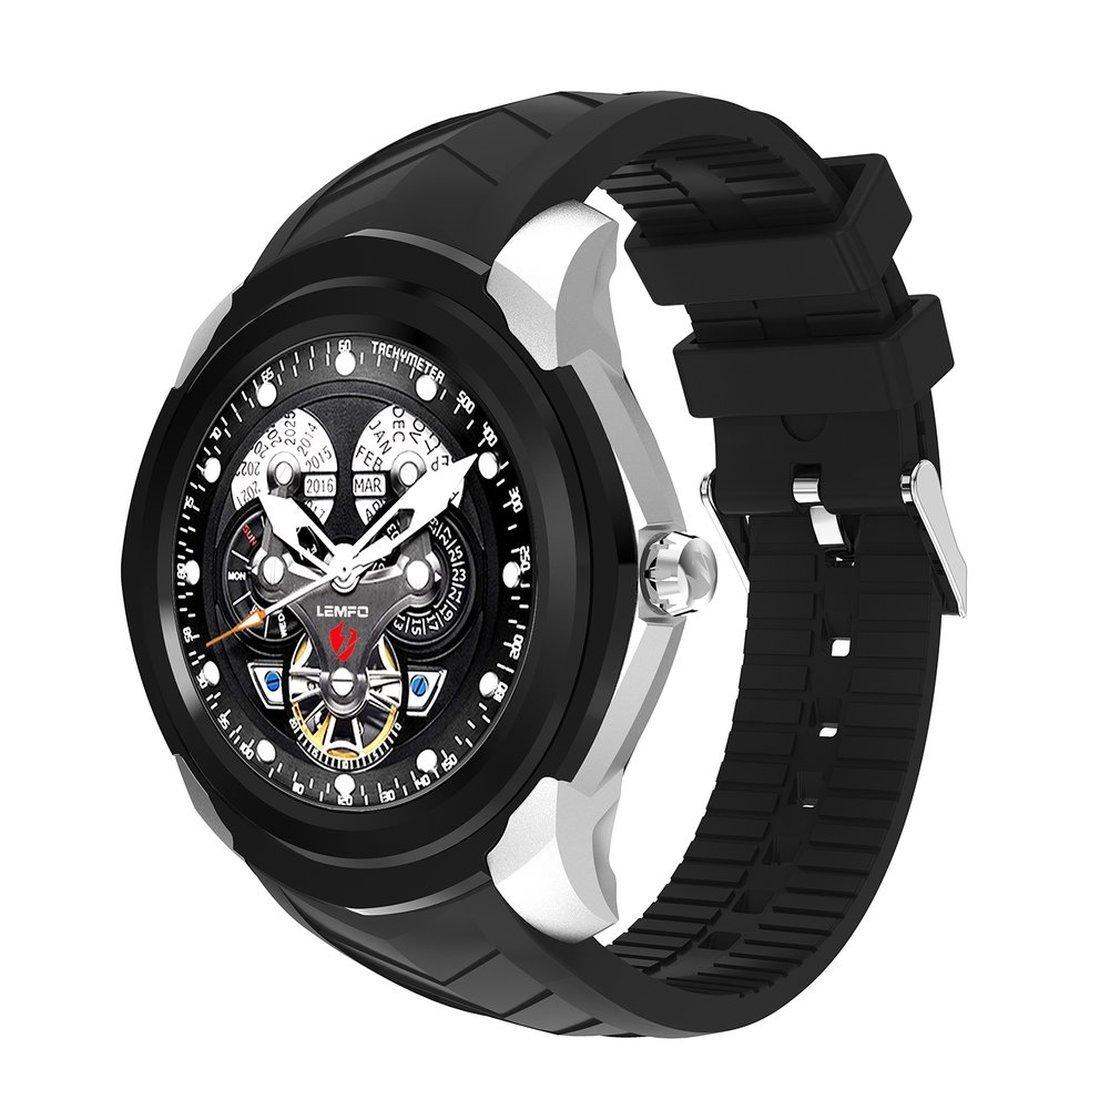 LEMFO LF17 Smart Watch 512MB + 4GB Soporte TF Tarjeta WiFi ...